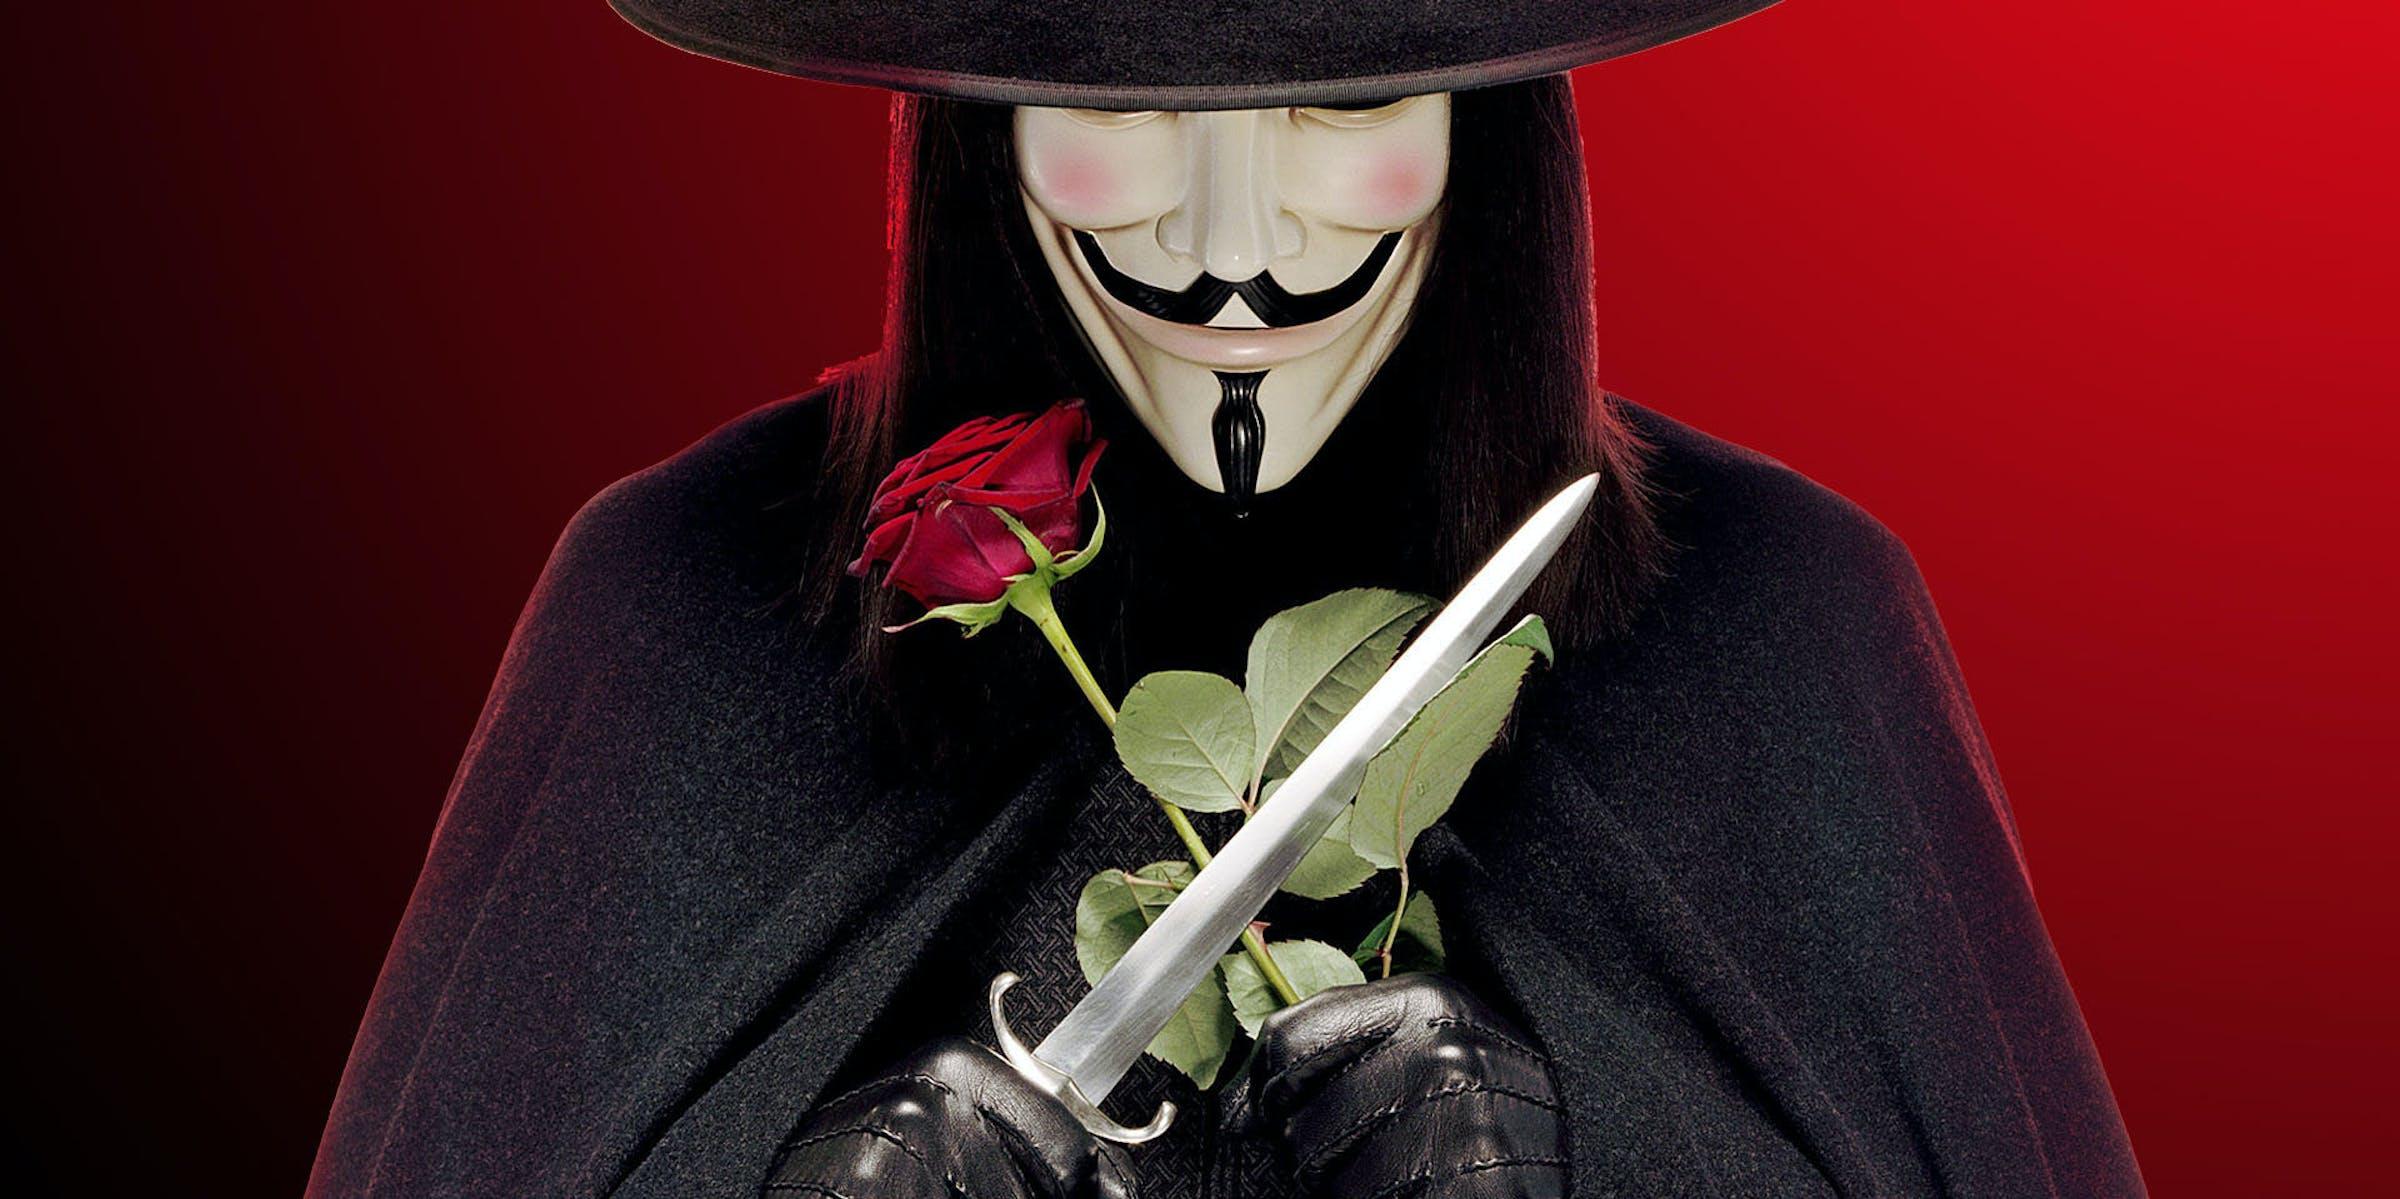 'V for Vendetta'